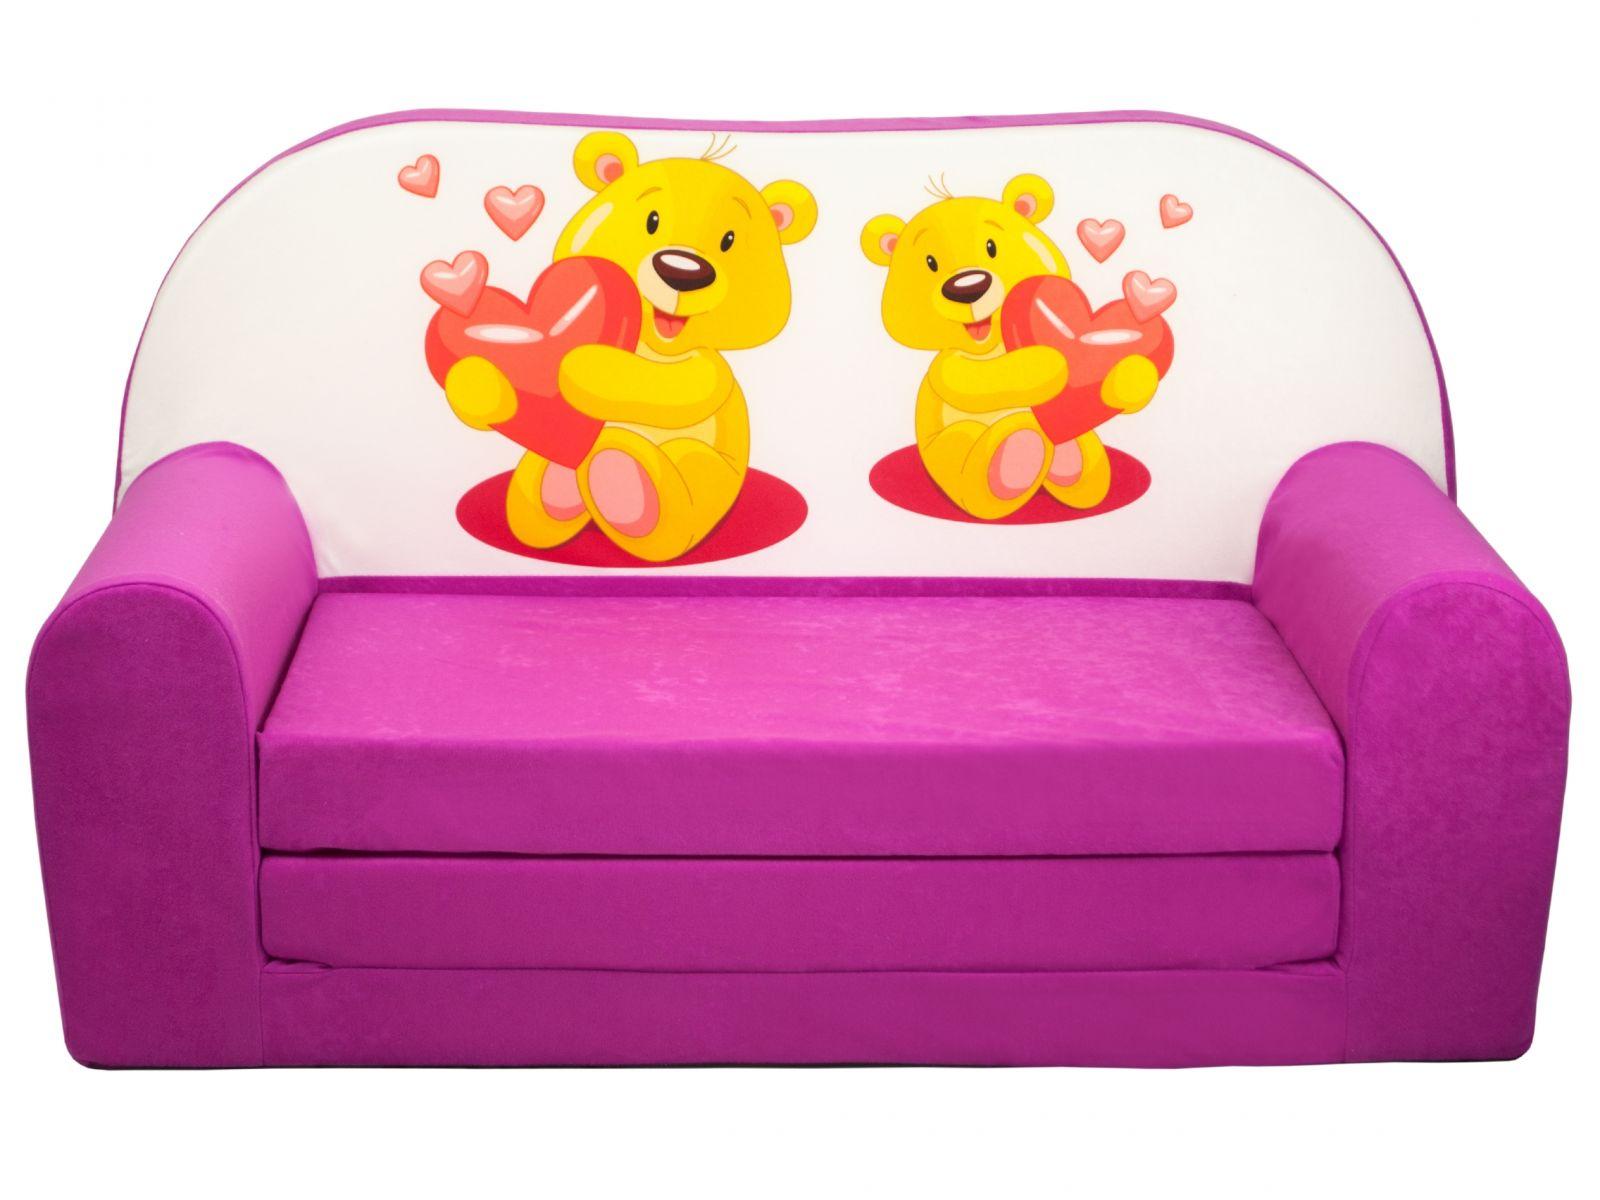 Fimex Dětská rozkládací mini pohovka Medvídci růžová